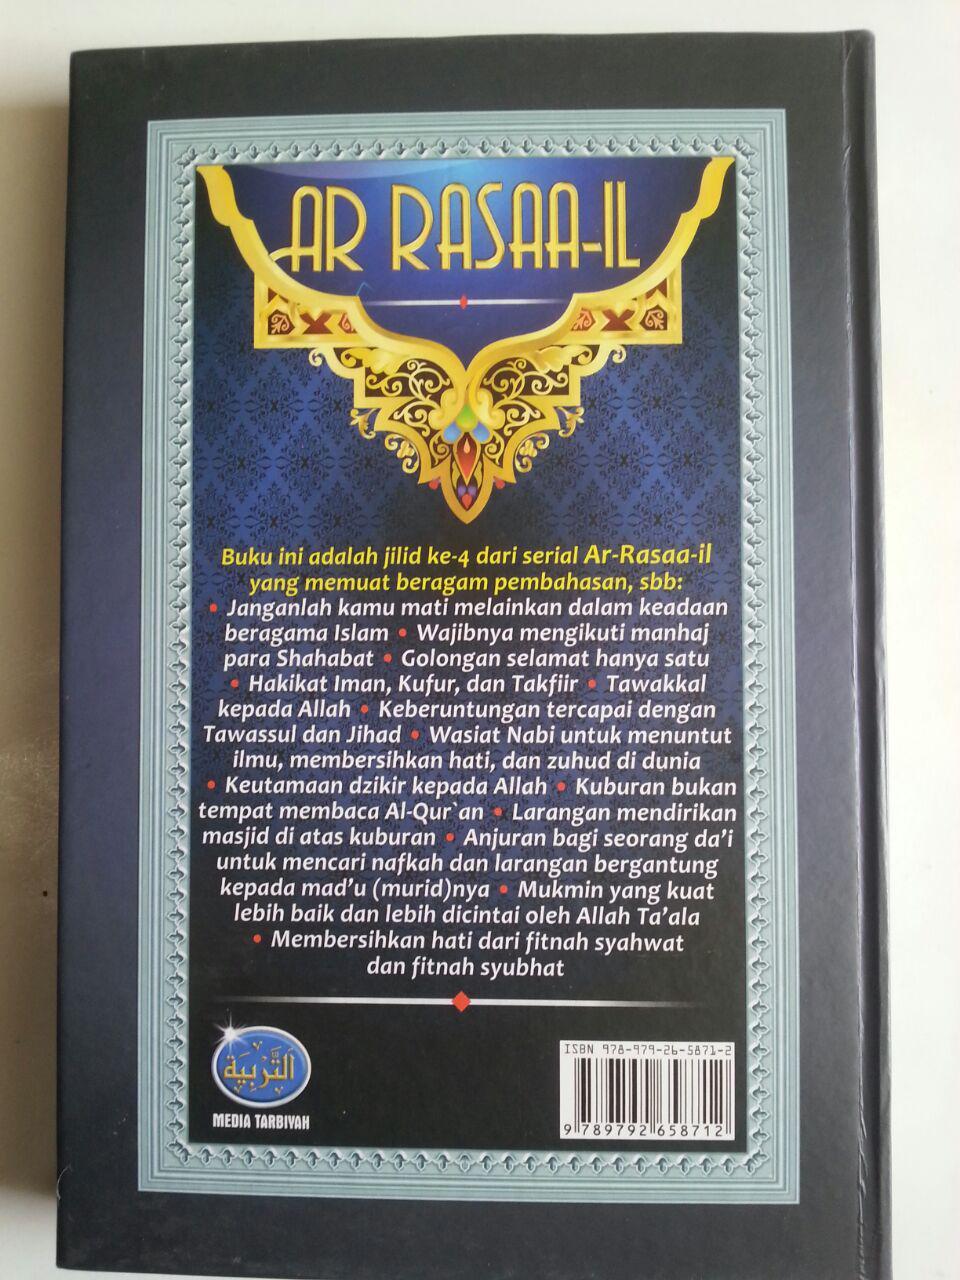 Buku Ar Rasaa-il Kumpulan Risalah Aqidah Fiqih Dan Hukum cover 2